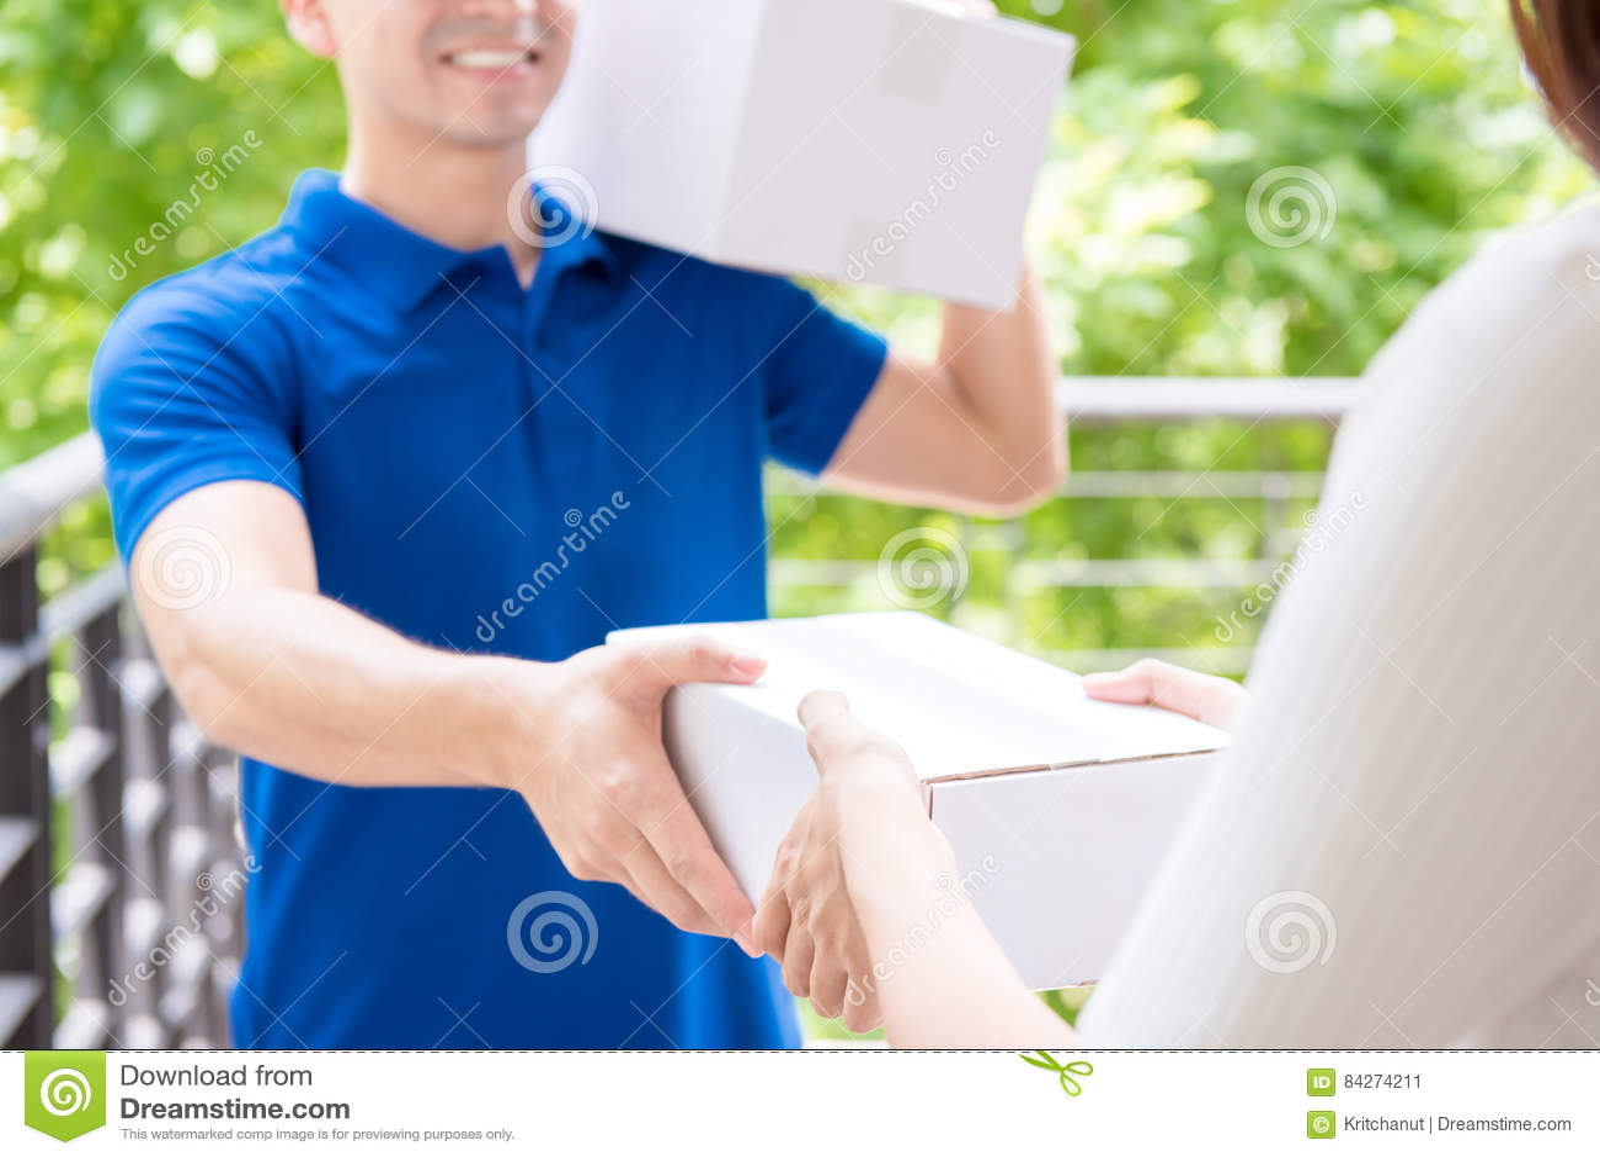 Lieferer im blauen einheitlichen liefernden Paketkasten zu einer Frau